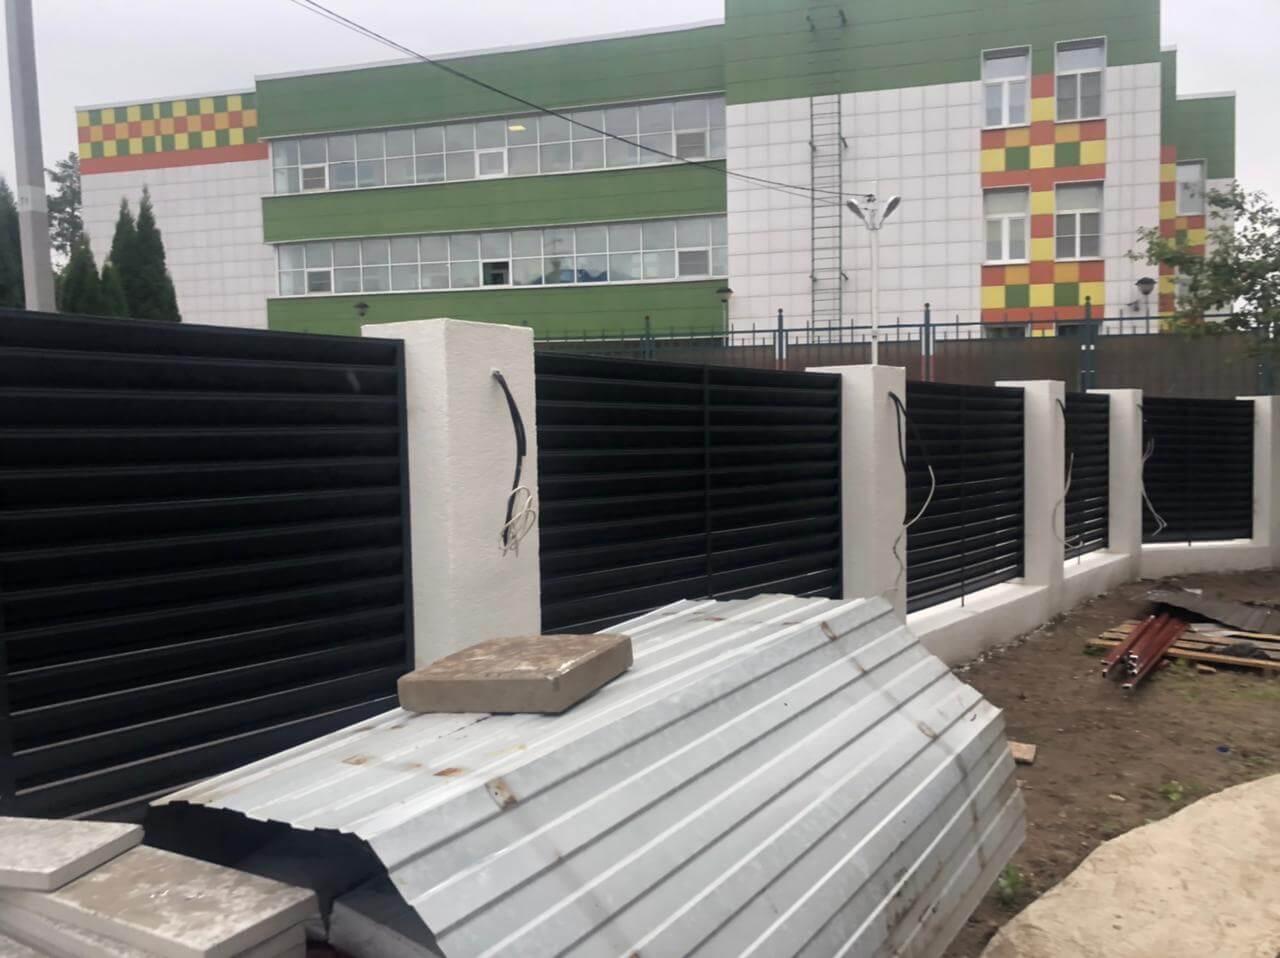 забор-жалюзи ЭКО-Z Серый графит двухсторонний матовый фото2